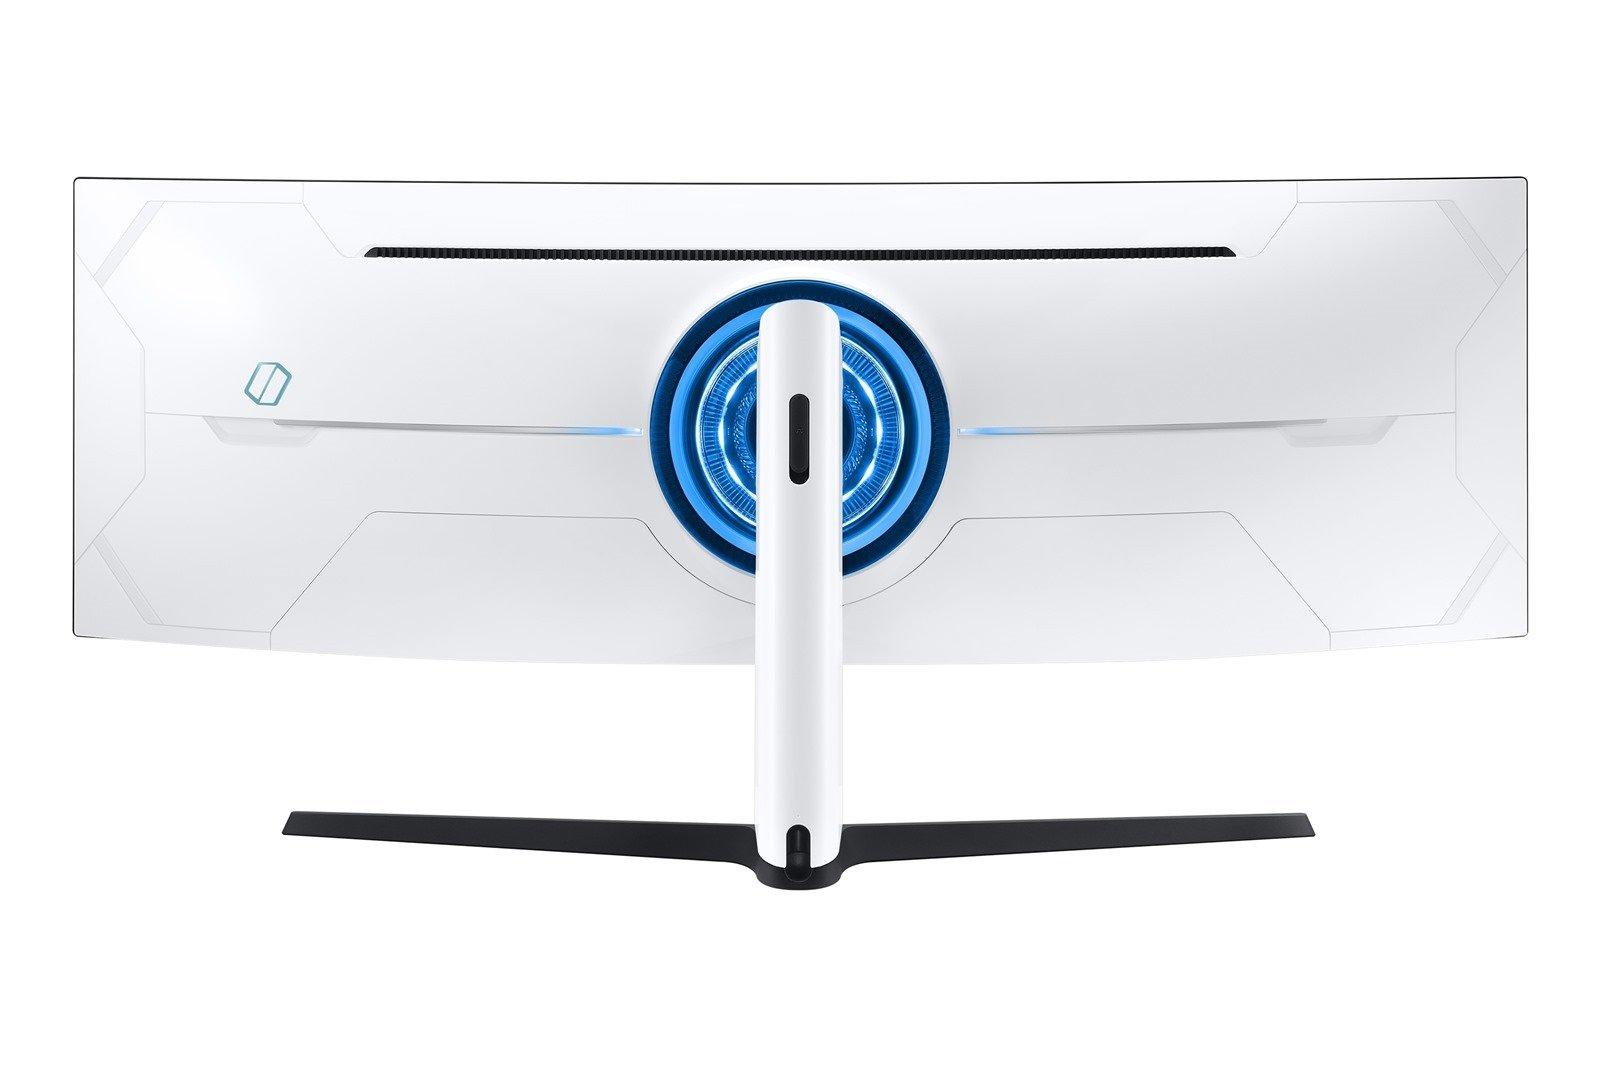 奧德賽 Odyssey 系列曲面電競螢幕氣勢登台全球首款雙 2K Odyssey G9、玩家首選 Odyssey G7 曲面電競螢幕領先業界獨創 1000R 曲率 強悍內在、科技外觀 暢享專業級遊戲快感 @3C 達人廖阿輝